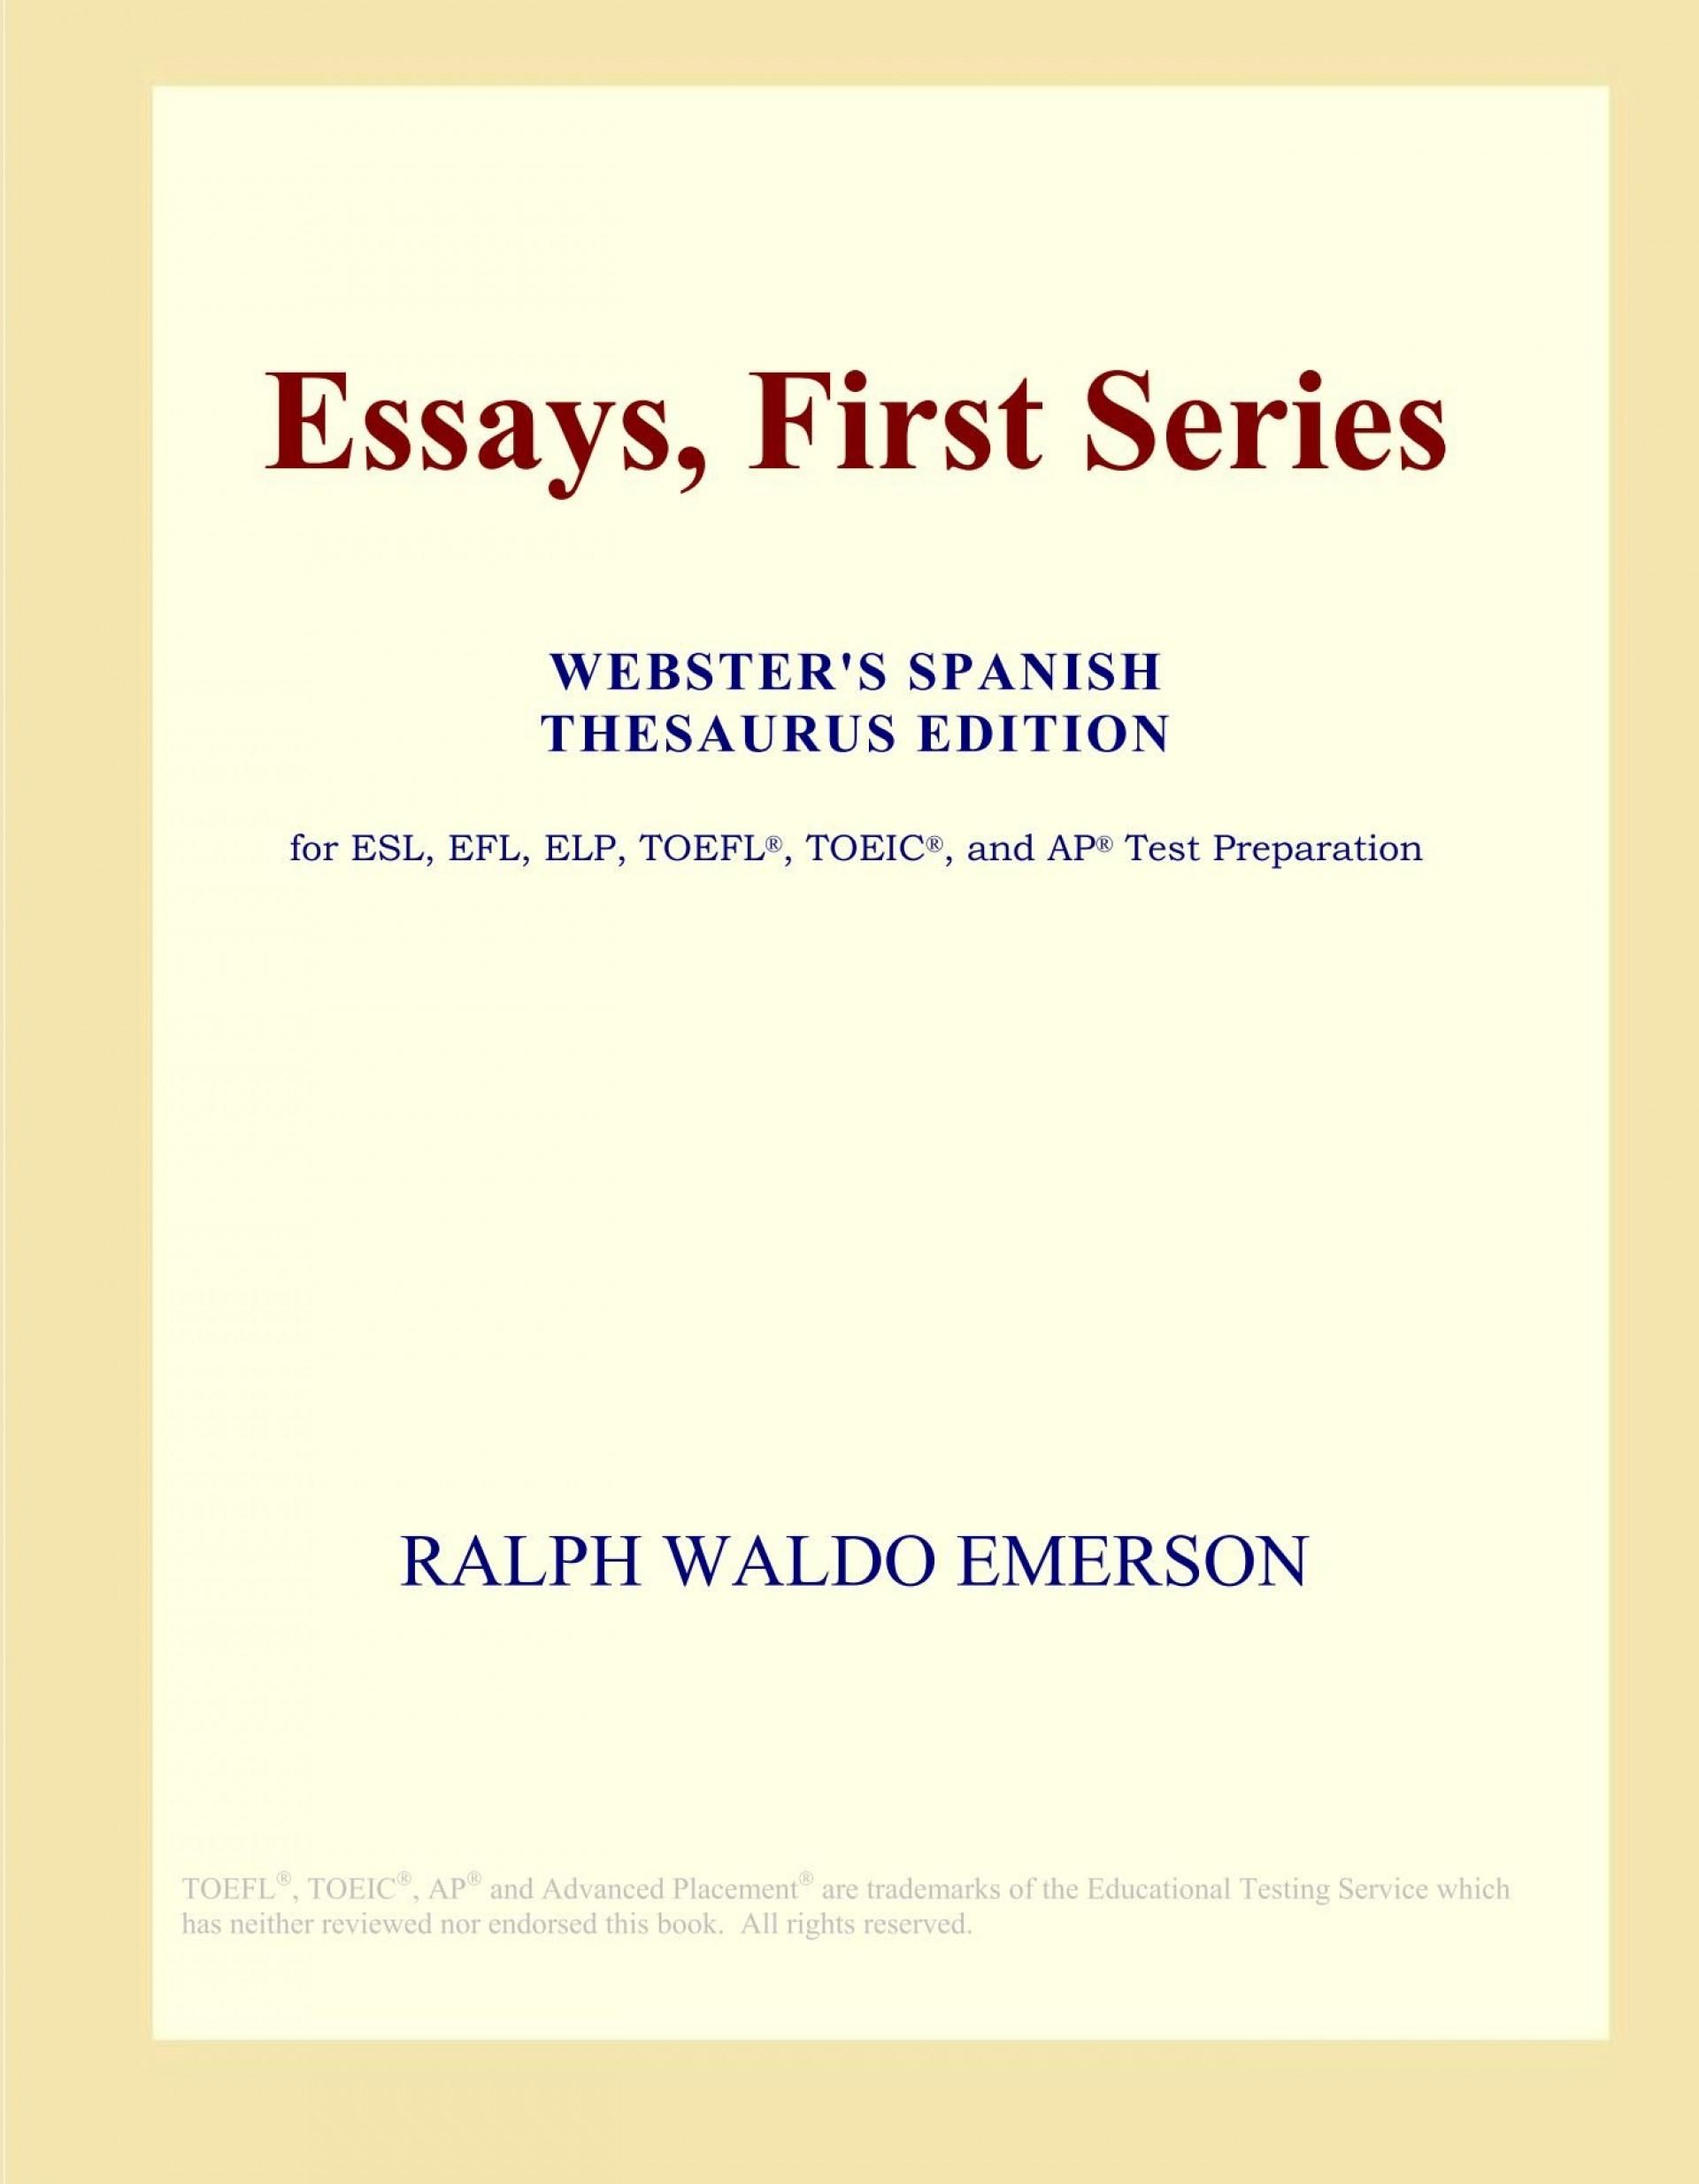 024 Essay Example 61cjxhnthzl Essays First Stunning Series In Zen Buddhism Emerson's Value 1920